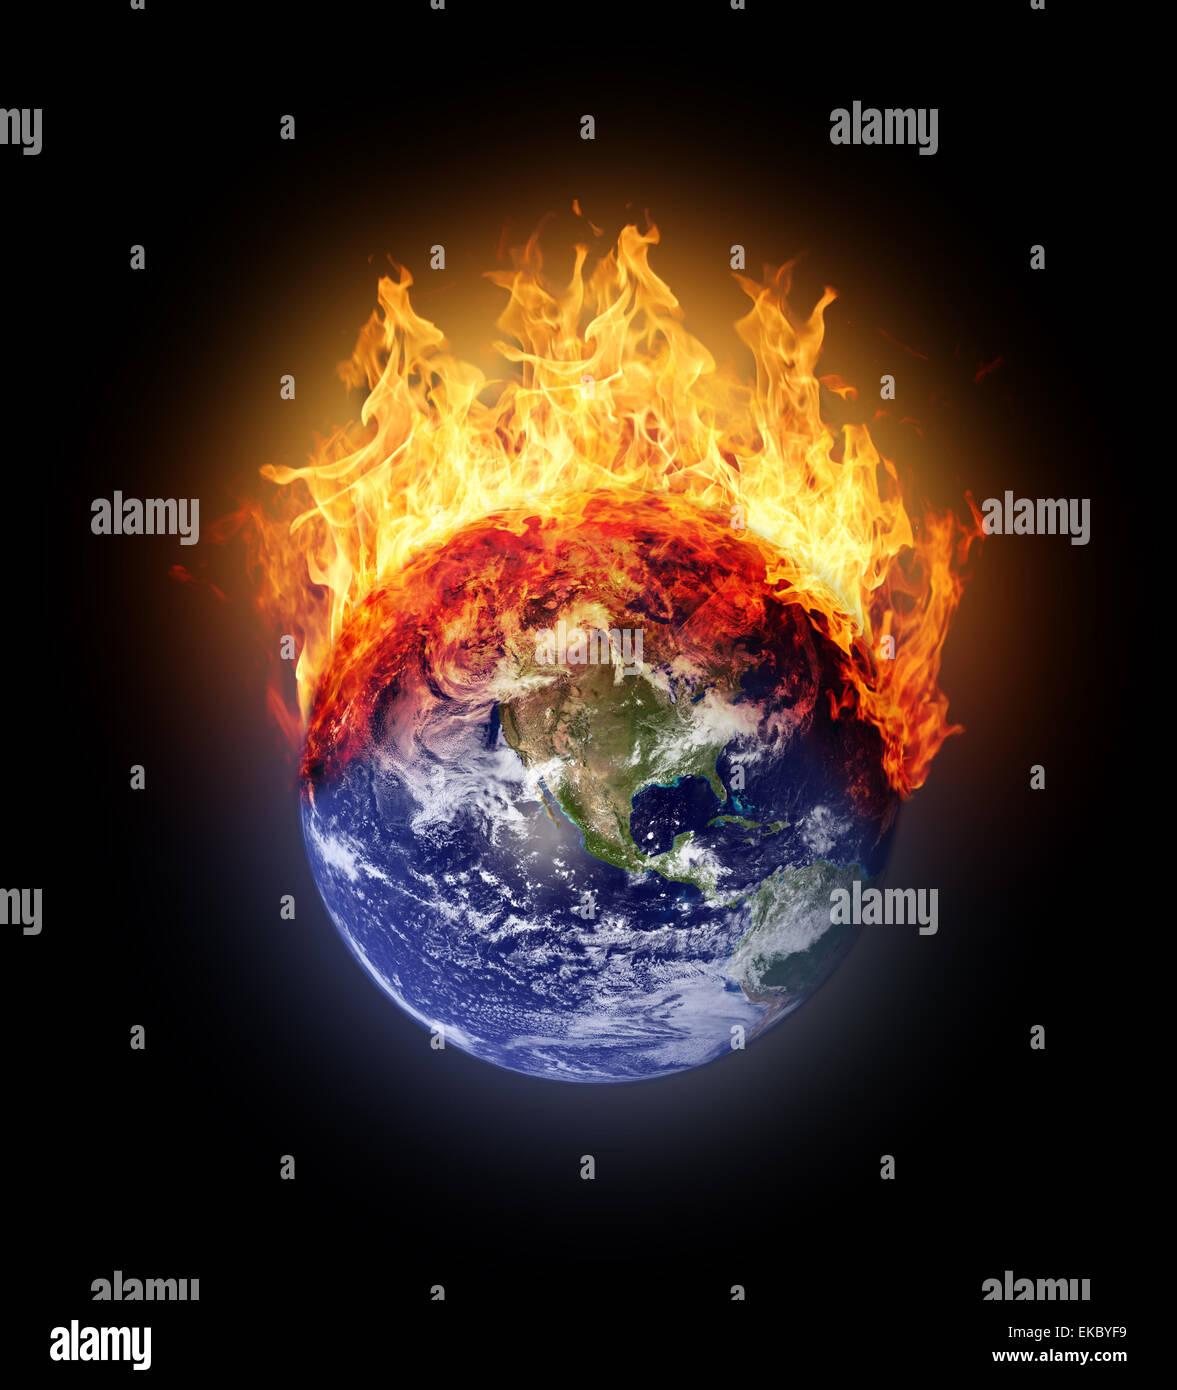 Burning earth globe west hemisphere - Stock Image